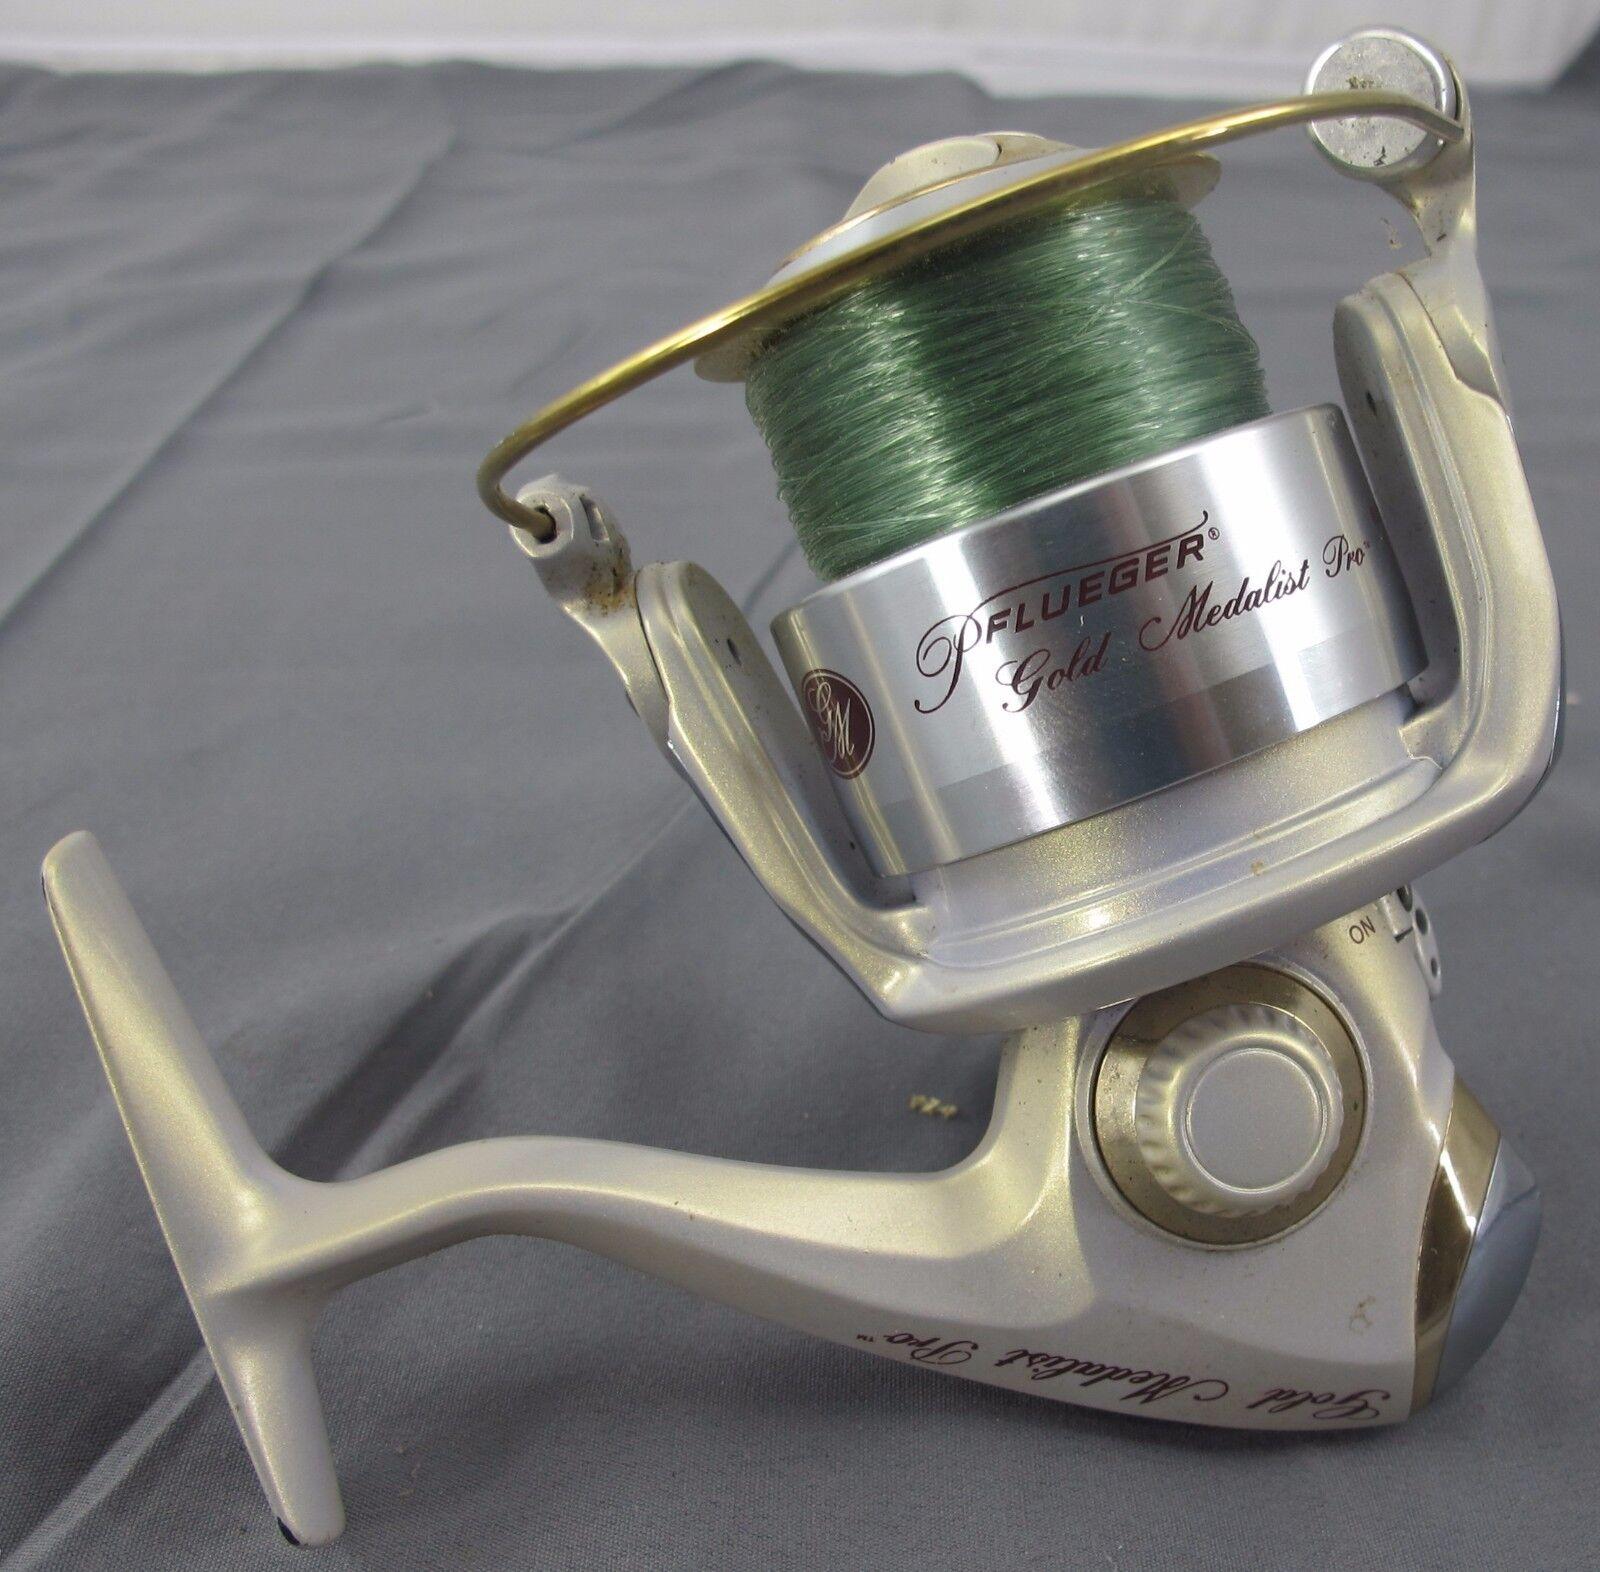 Pflueger oro Medalist Pro Spinning Reel PFLGM840 Gear Ratio 5.2:1 12lb/175yds